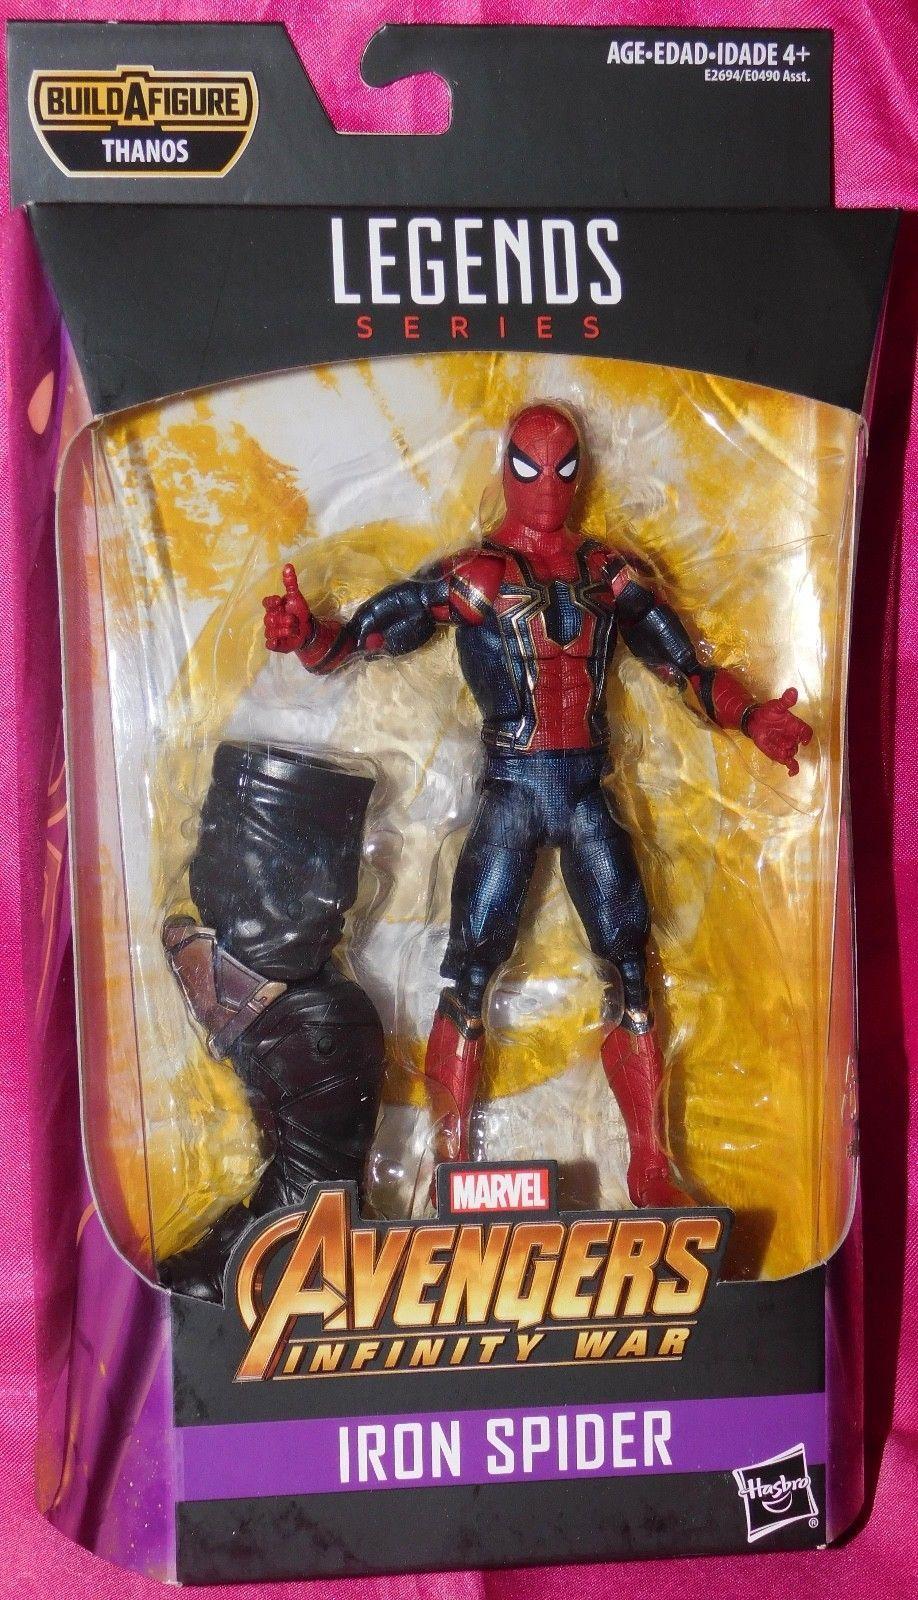 MARVEL LEGENDS INFINITY WAR IRON SPIDER SPIDER-MAN from THANOS SERIES